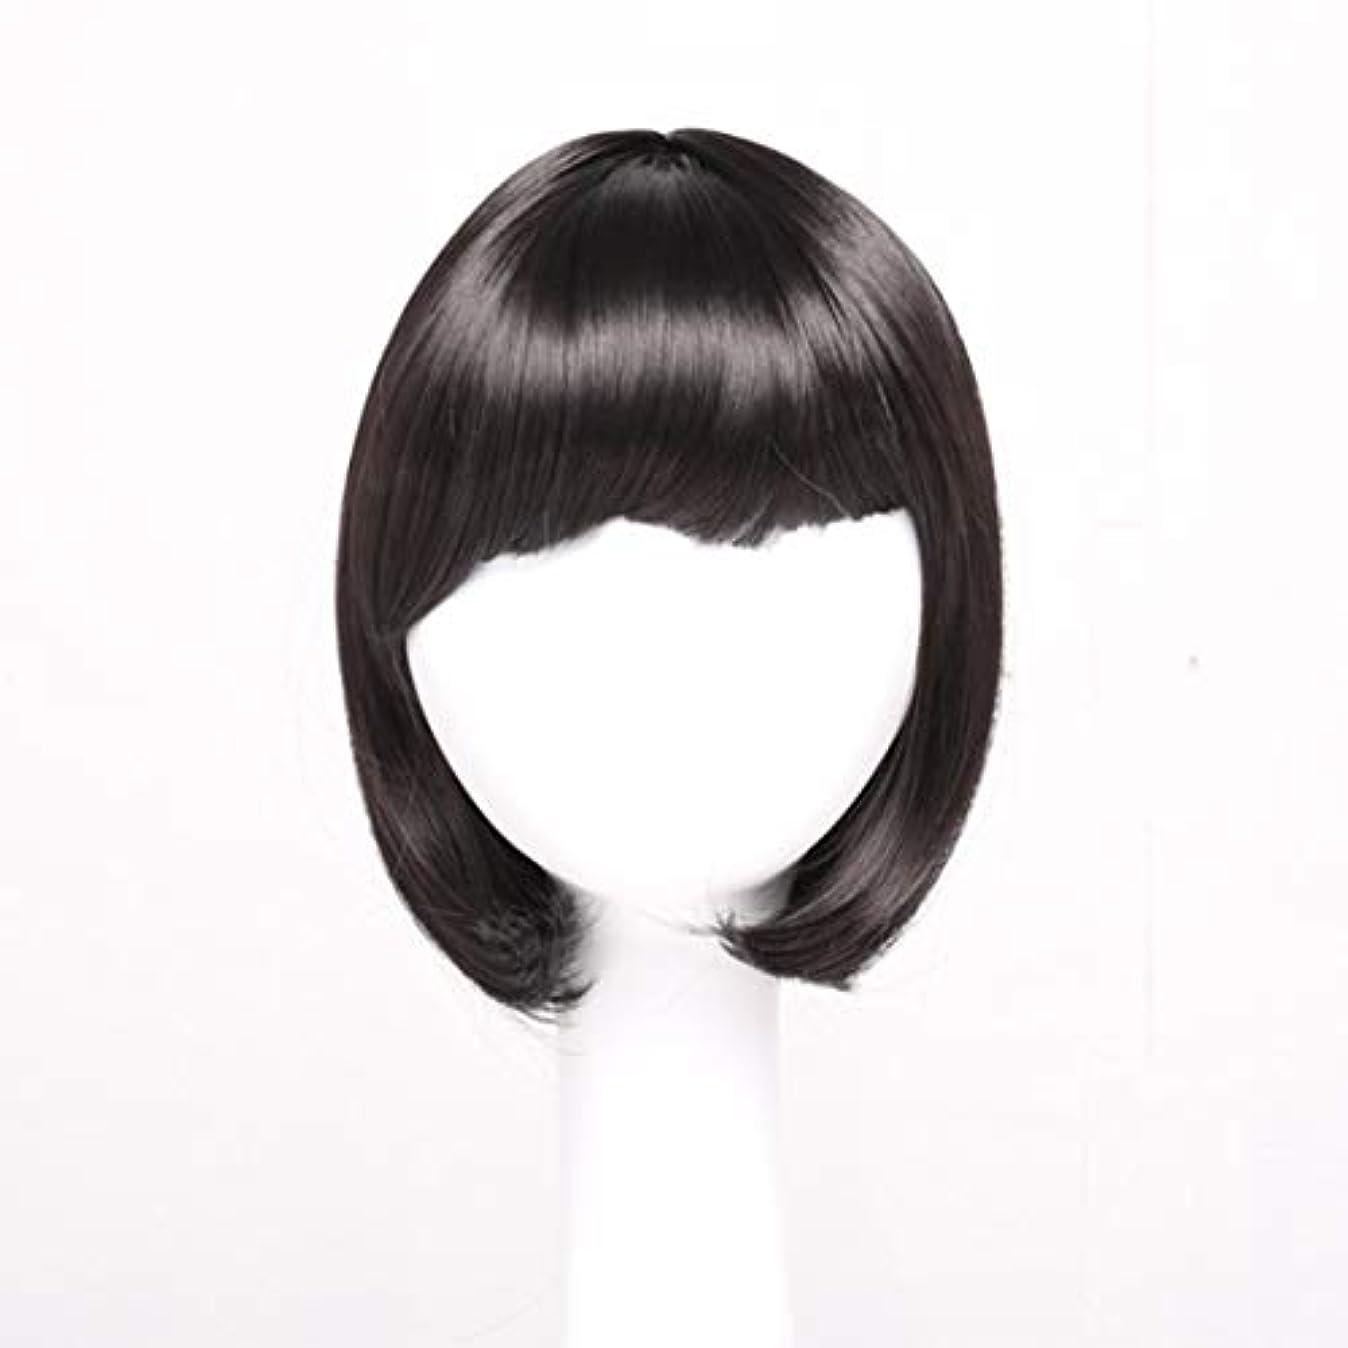 ベッツィトロットウッド標準正当化するSummerys ショートボブの髪ウィッグストレート前髪付き合成カラフルなコスプレデイリーパーティーウィッグ本物の髪として自然な女性のための